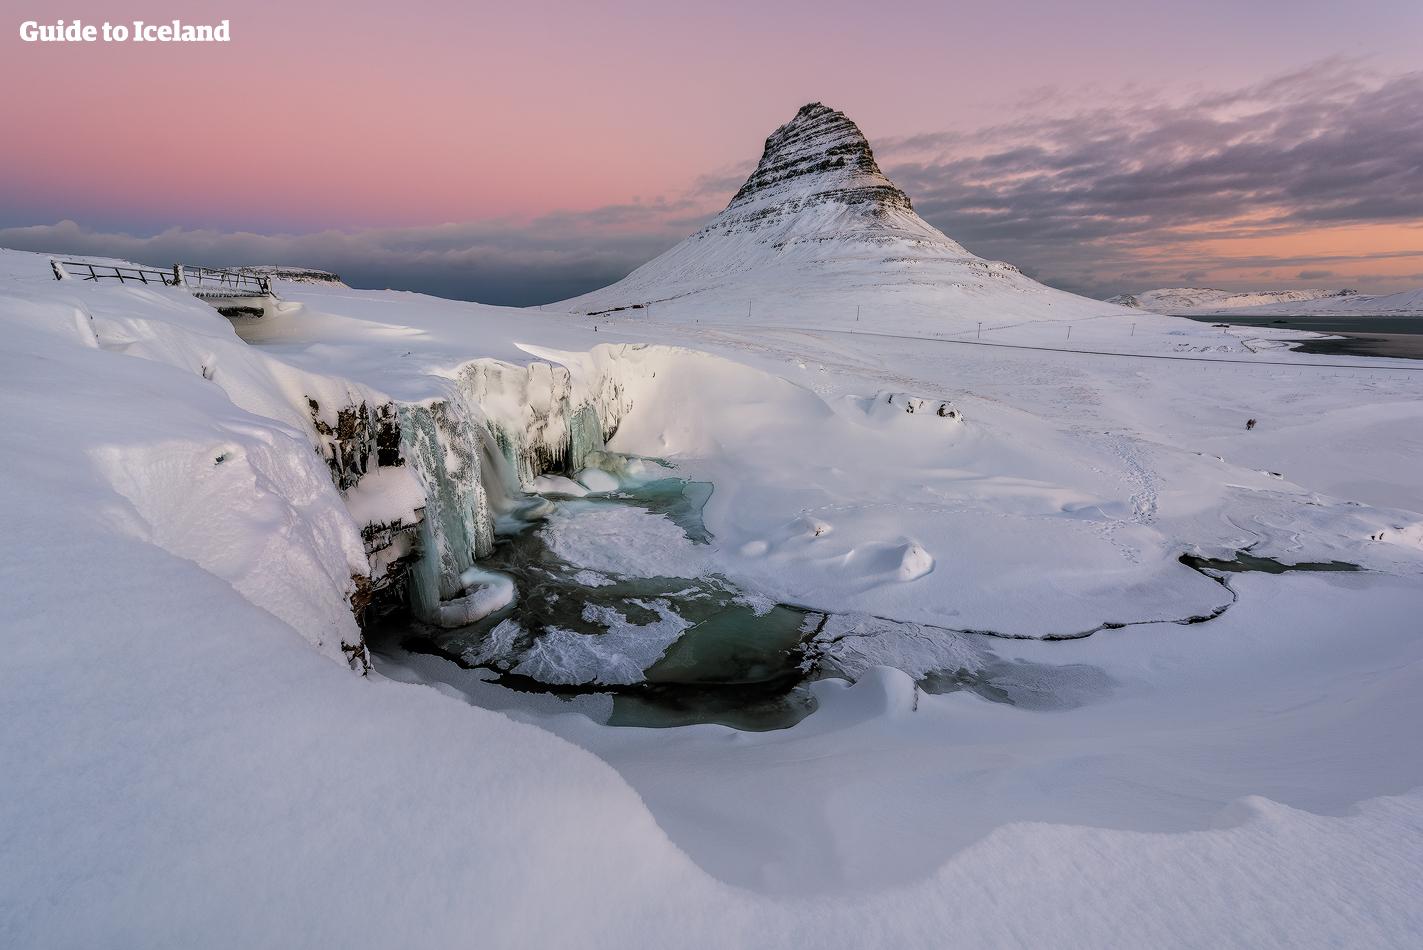 아이슬란드의 축소판이라 불리는 스나이펠스네스 반도. 일년 내내 멋진 모습을 보이지만 왠지 겨울에는 더 신비로워 보입니다.